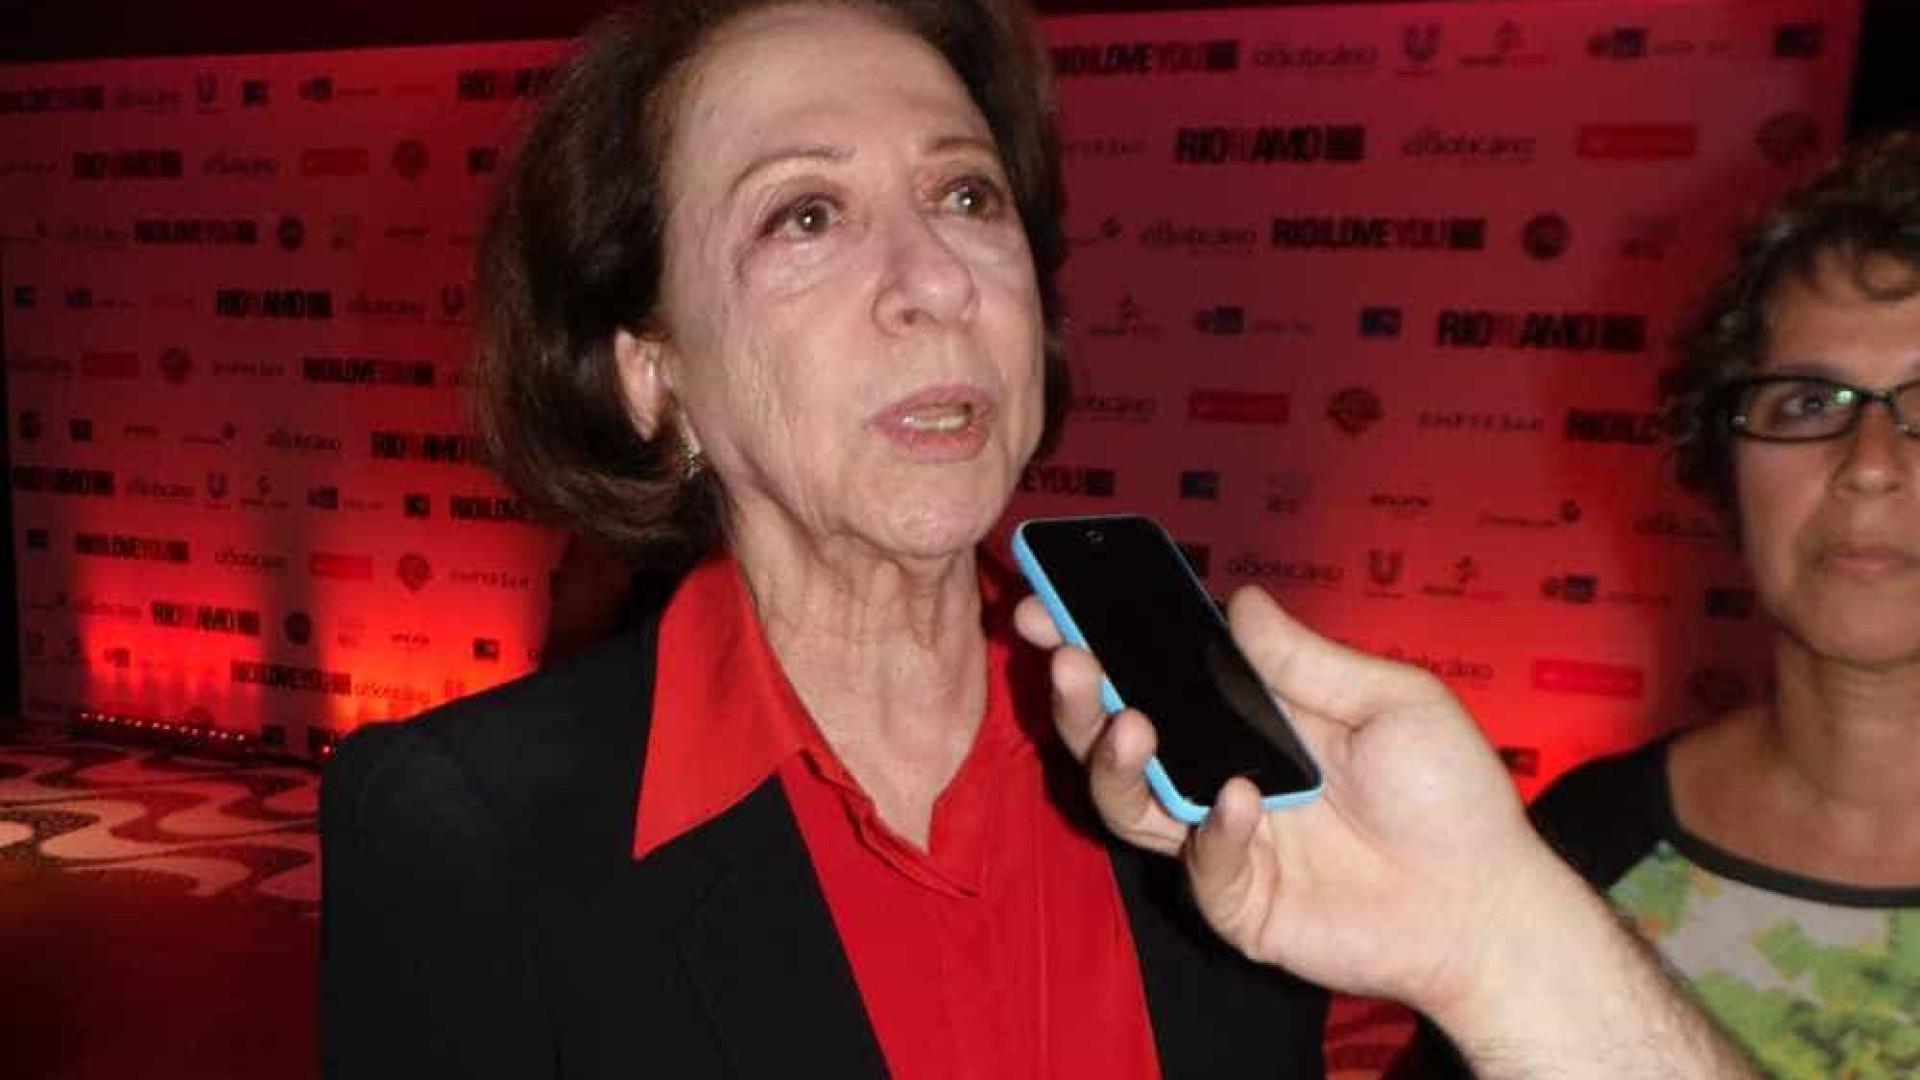 Fernanda Montenegro critica censura artística e recebe ameaça de morte